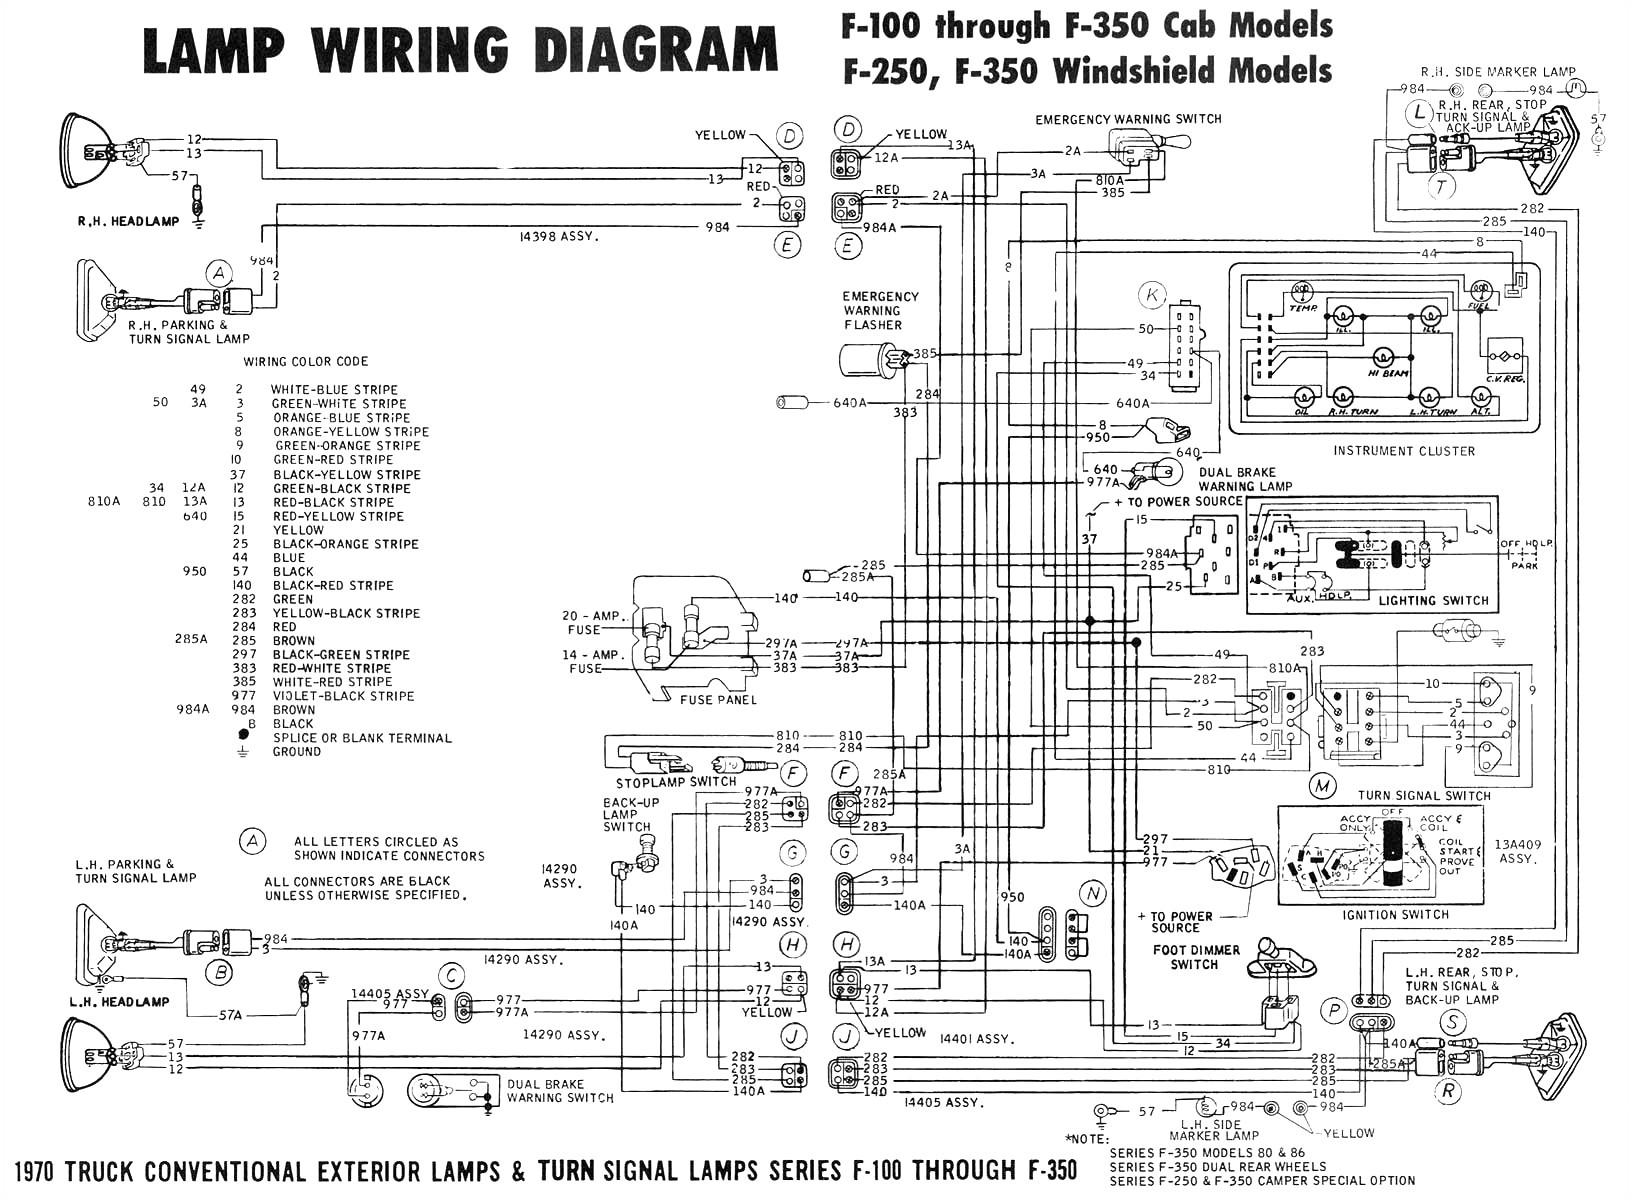 saab 9 3 turn signal wiring diagram wiring diagrams value 2003 gmc turn signal flasher wiring diagram